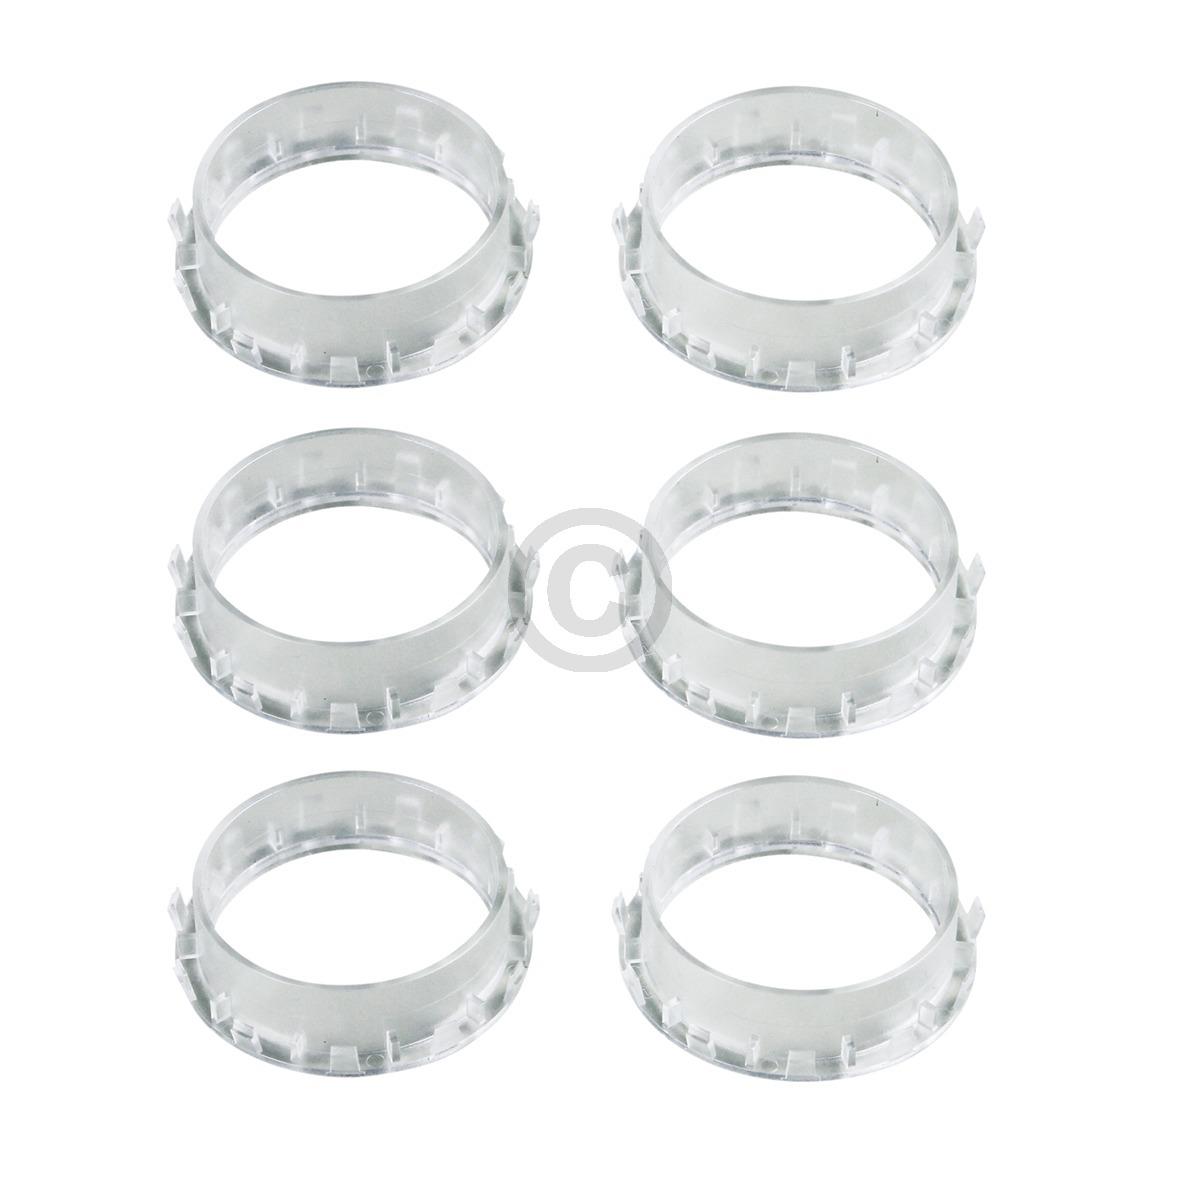 Knebelring Schaltergriffschutz, 6 Stück 00612104 612104 Bosch, Siemens, Neff